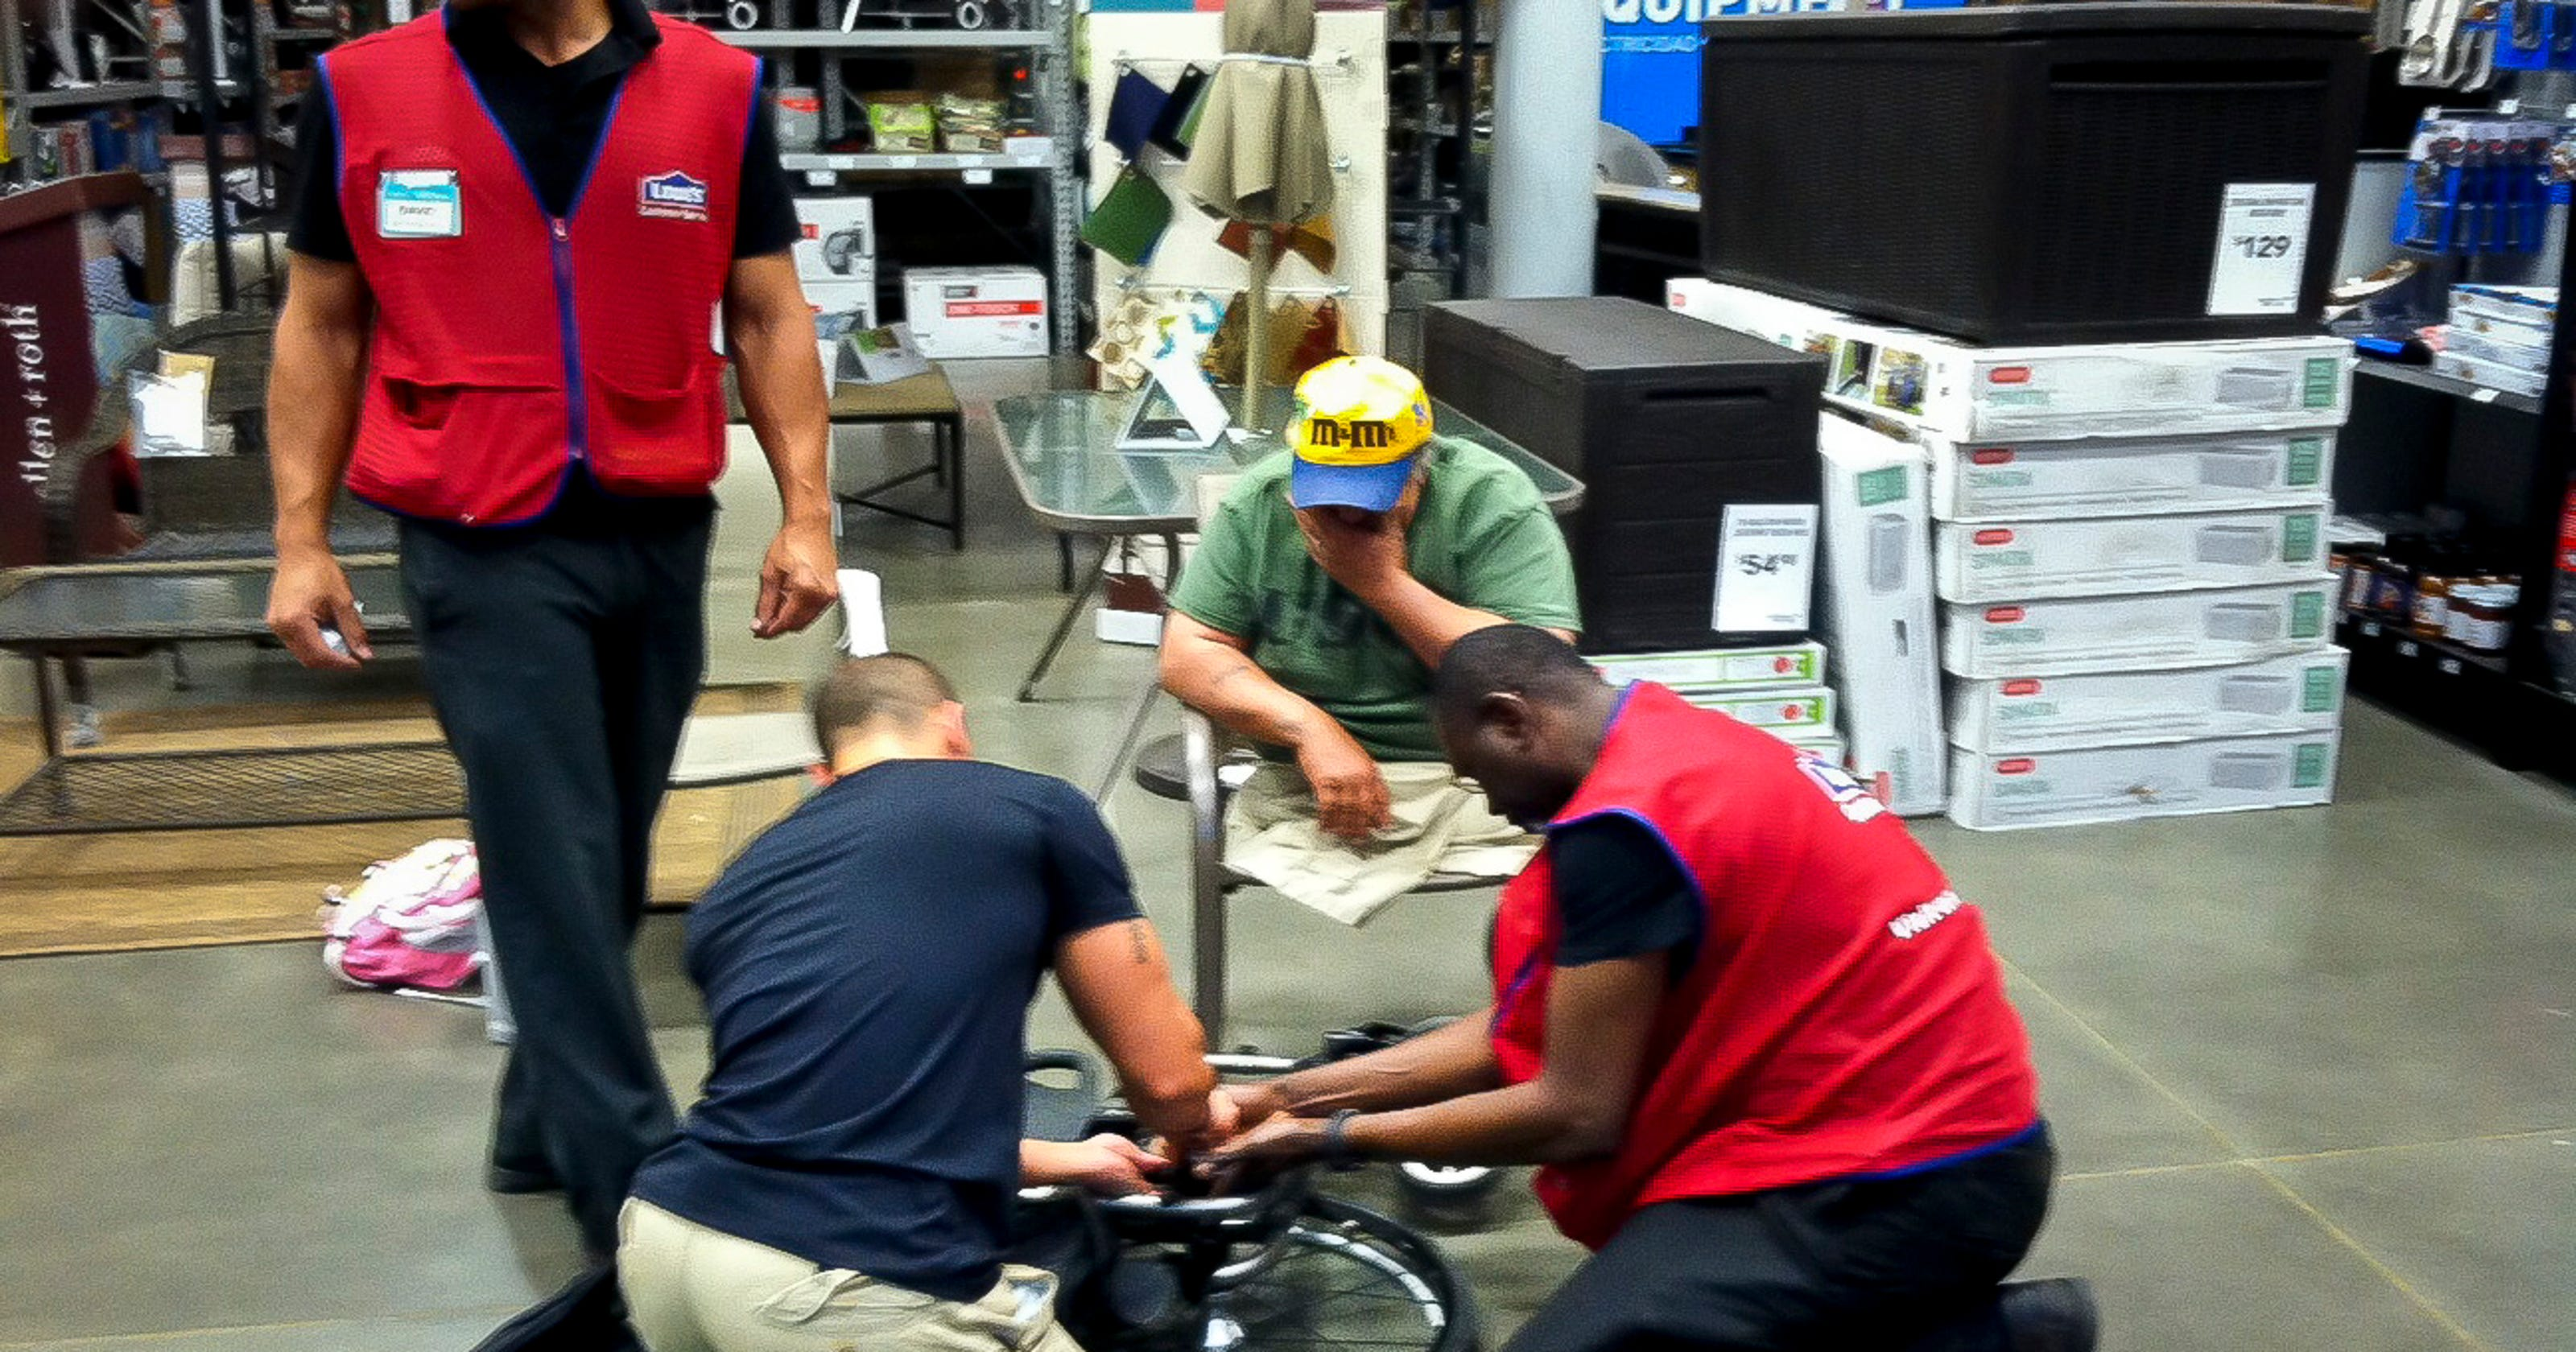 Lowe's workers fix vet's wheelchair